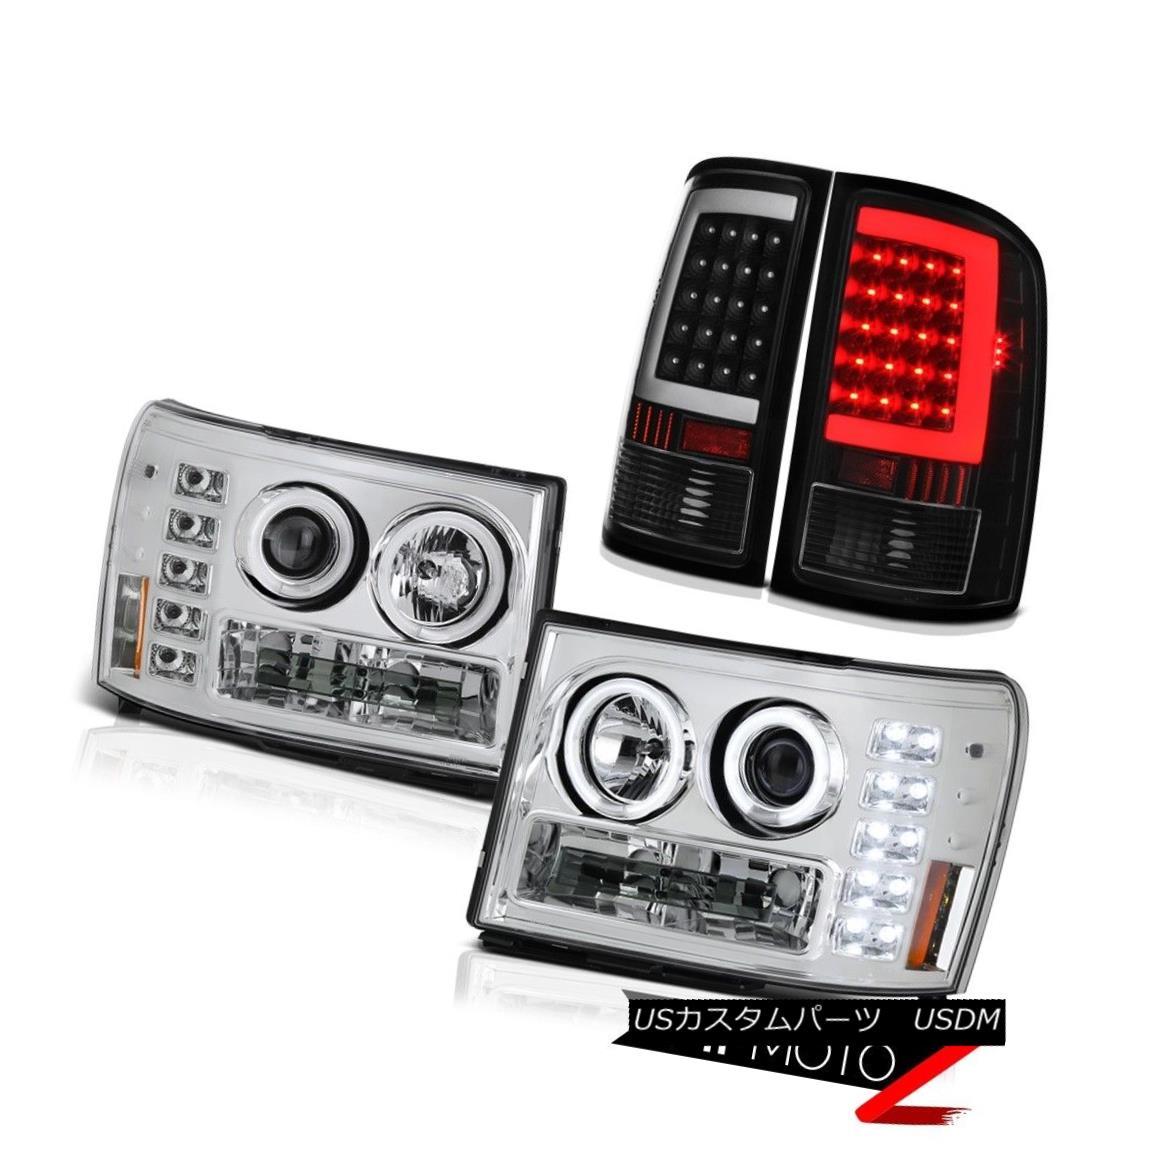 テールライト 07-13 Gmc Sierra 1500 SLT Inky Black Taillamps Headlamps Light Bar Ccfl Rim Cool 07-13 Gmc Sierra 1500 SLT Inky Black TaillampsヘッドランプライトバーCcfl Rim Cool